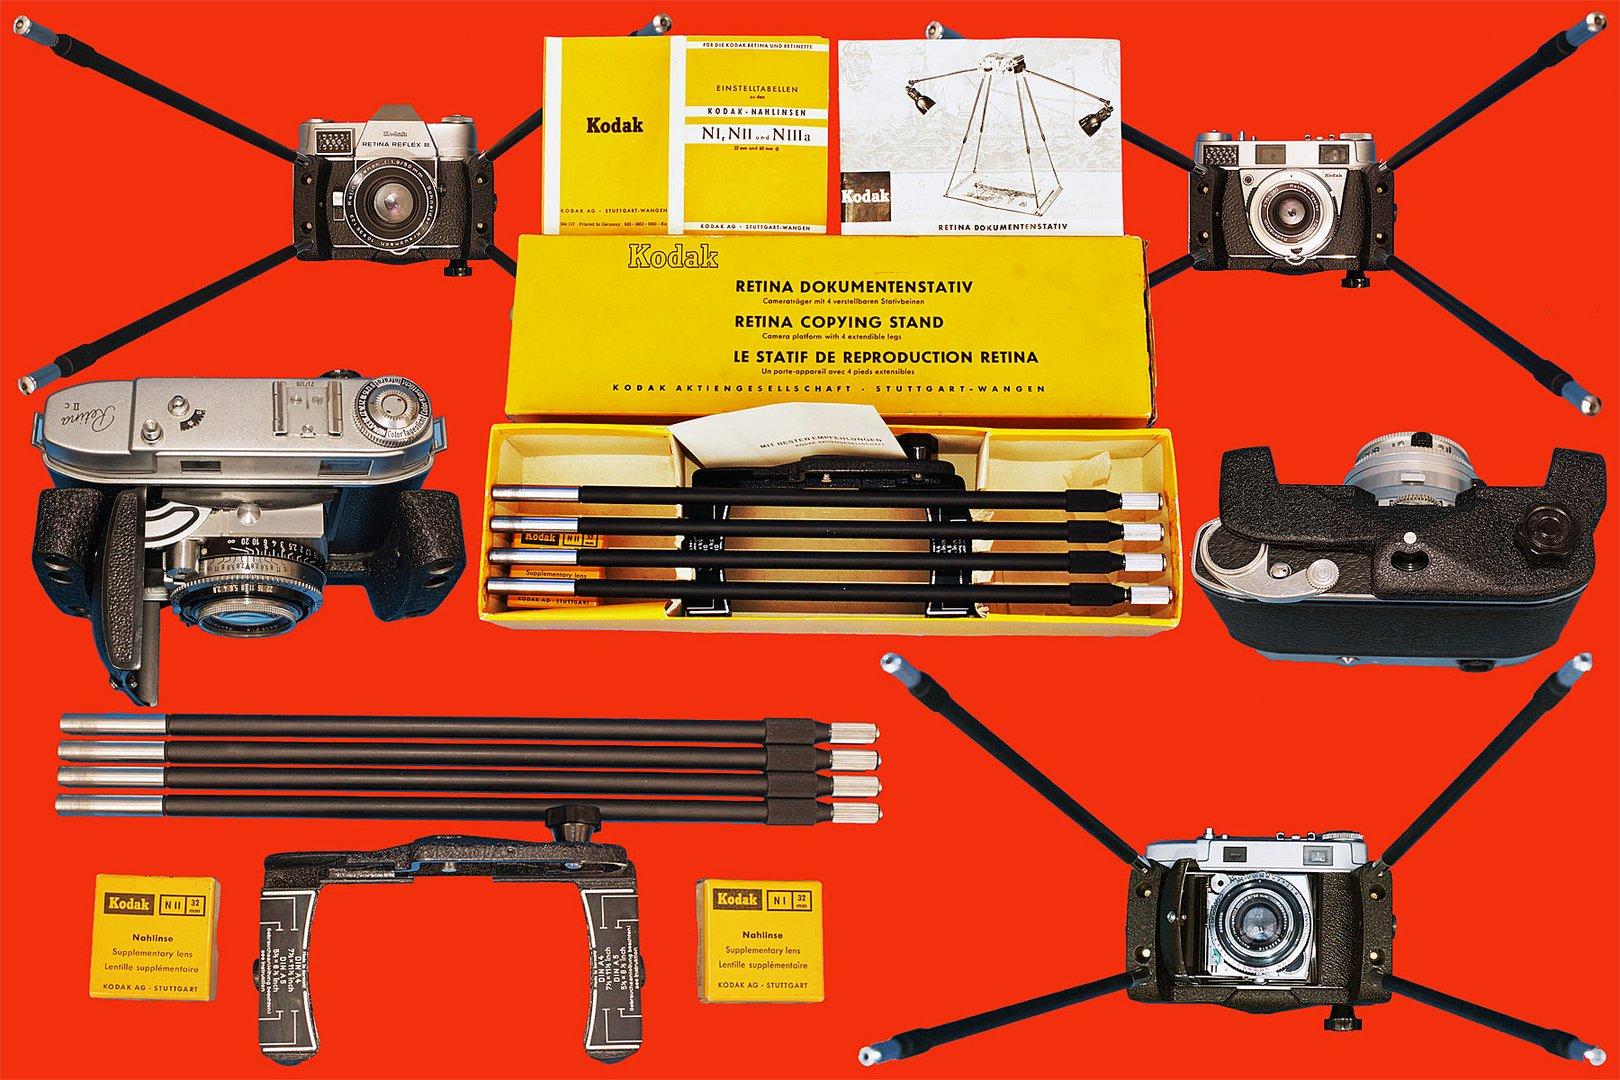 Das Kodak Retina Dokumentenstativ